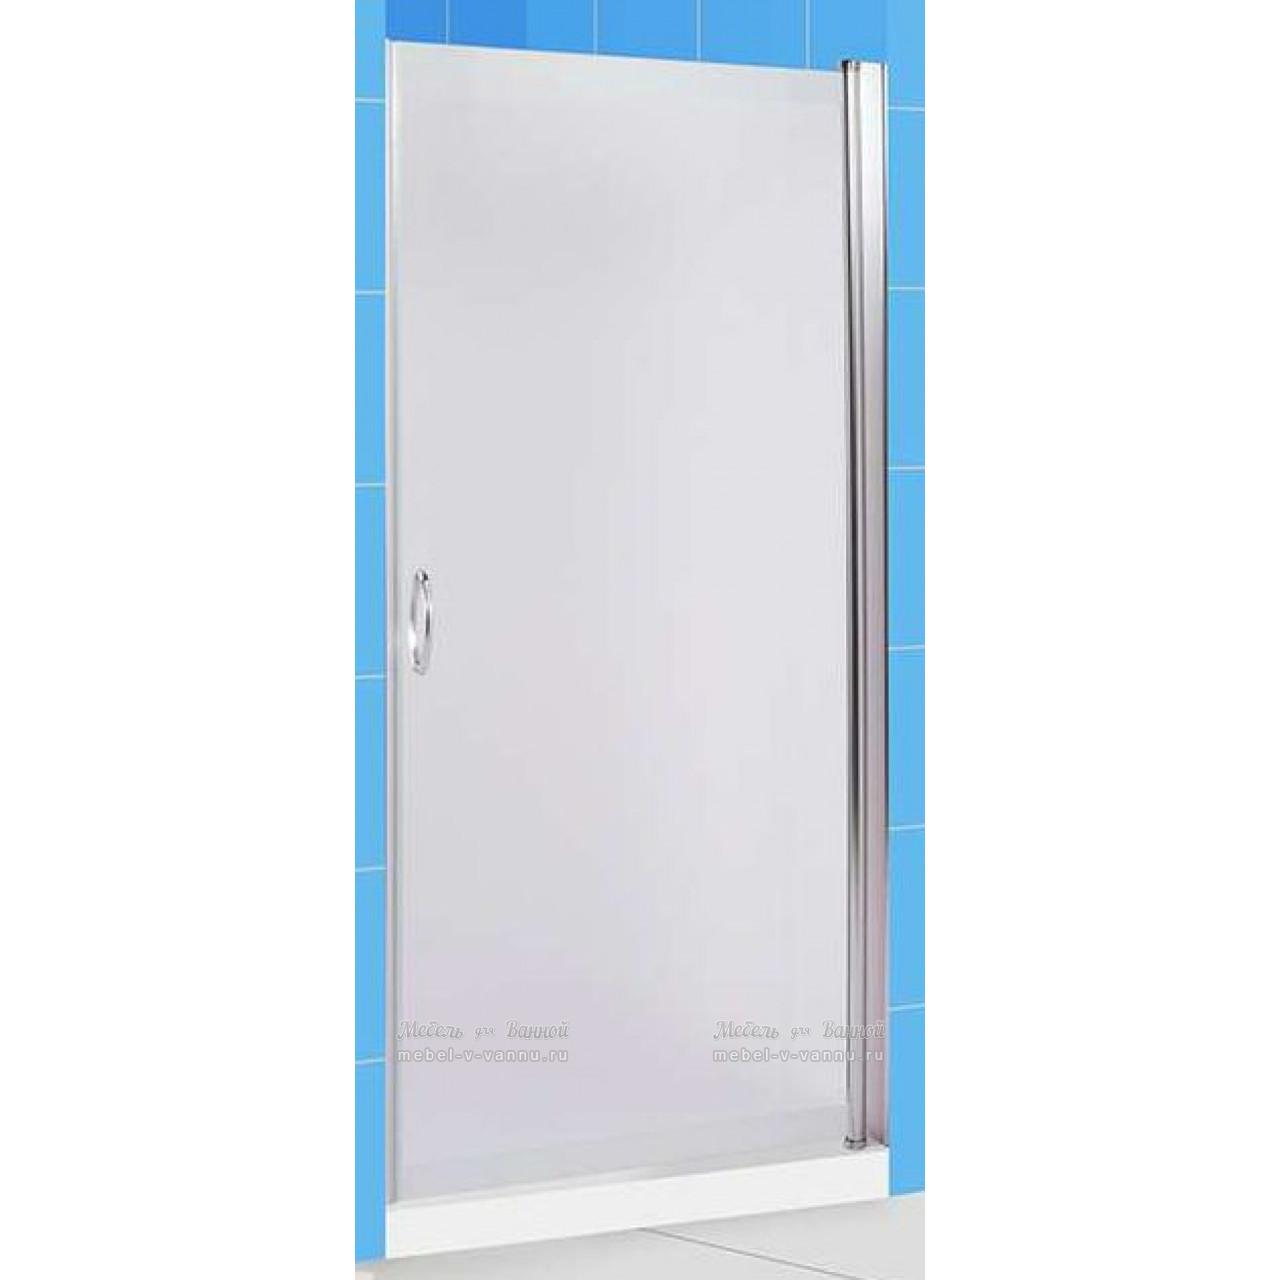 Дверь для душа River BOSFOR 90 МТ купить в Москве по цене от 9700р. в интернет-магазине mebel-v-vannu.ru